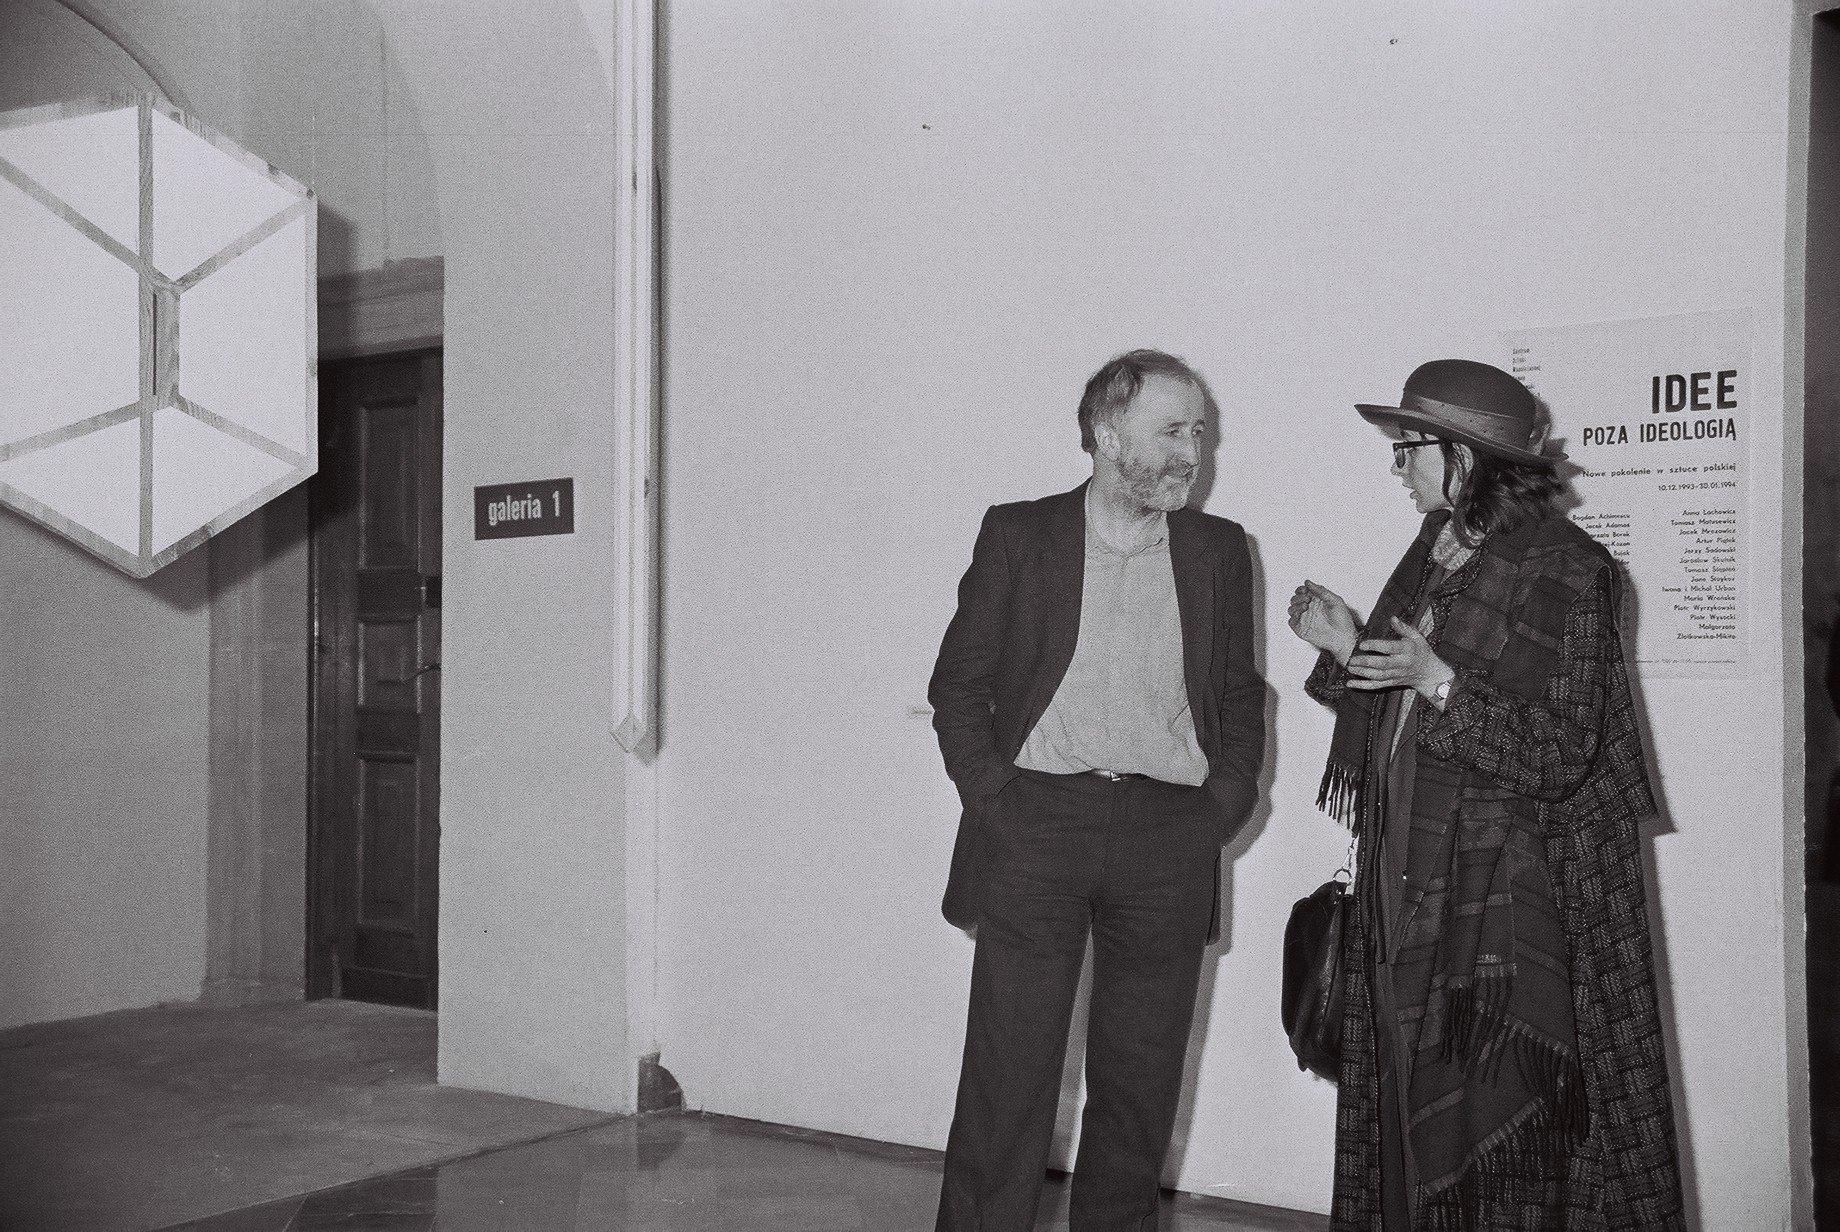 """wernisaż wystawy """"Idee poza ideologią. Nowe pokolenie wsztuce polskiej"""", 1994, CSW Zamek Ujazdowski"""